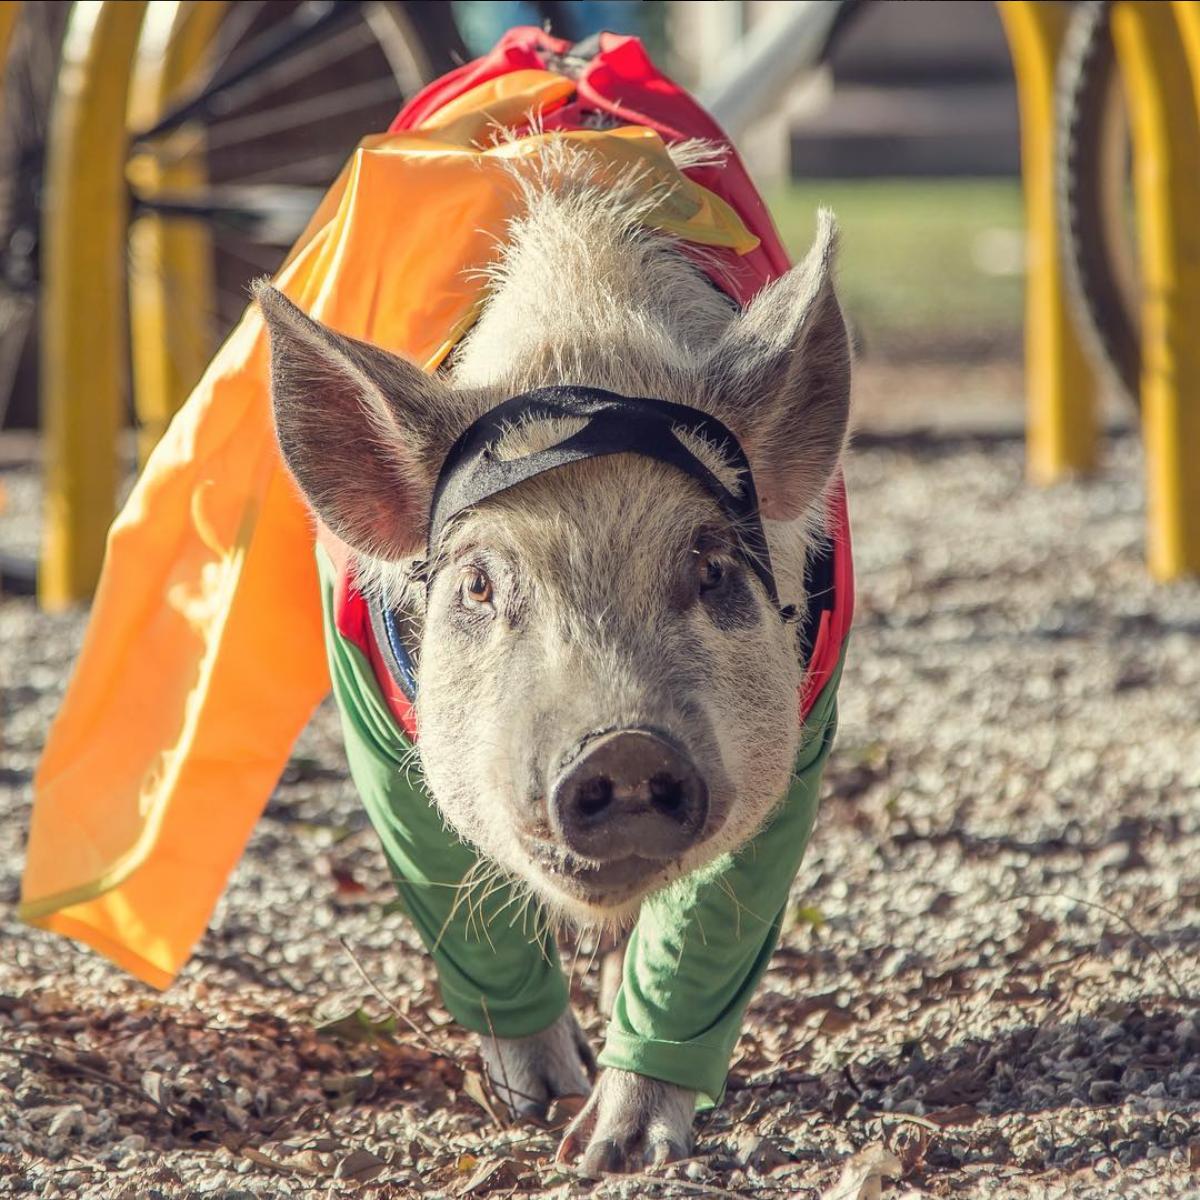 JamonThePig, le micro cochon brésilien